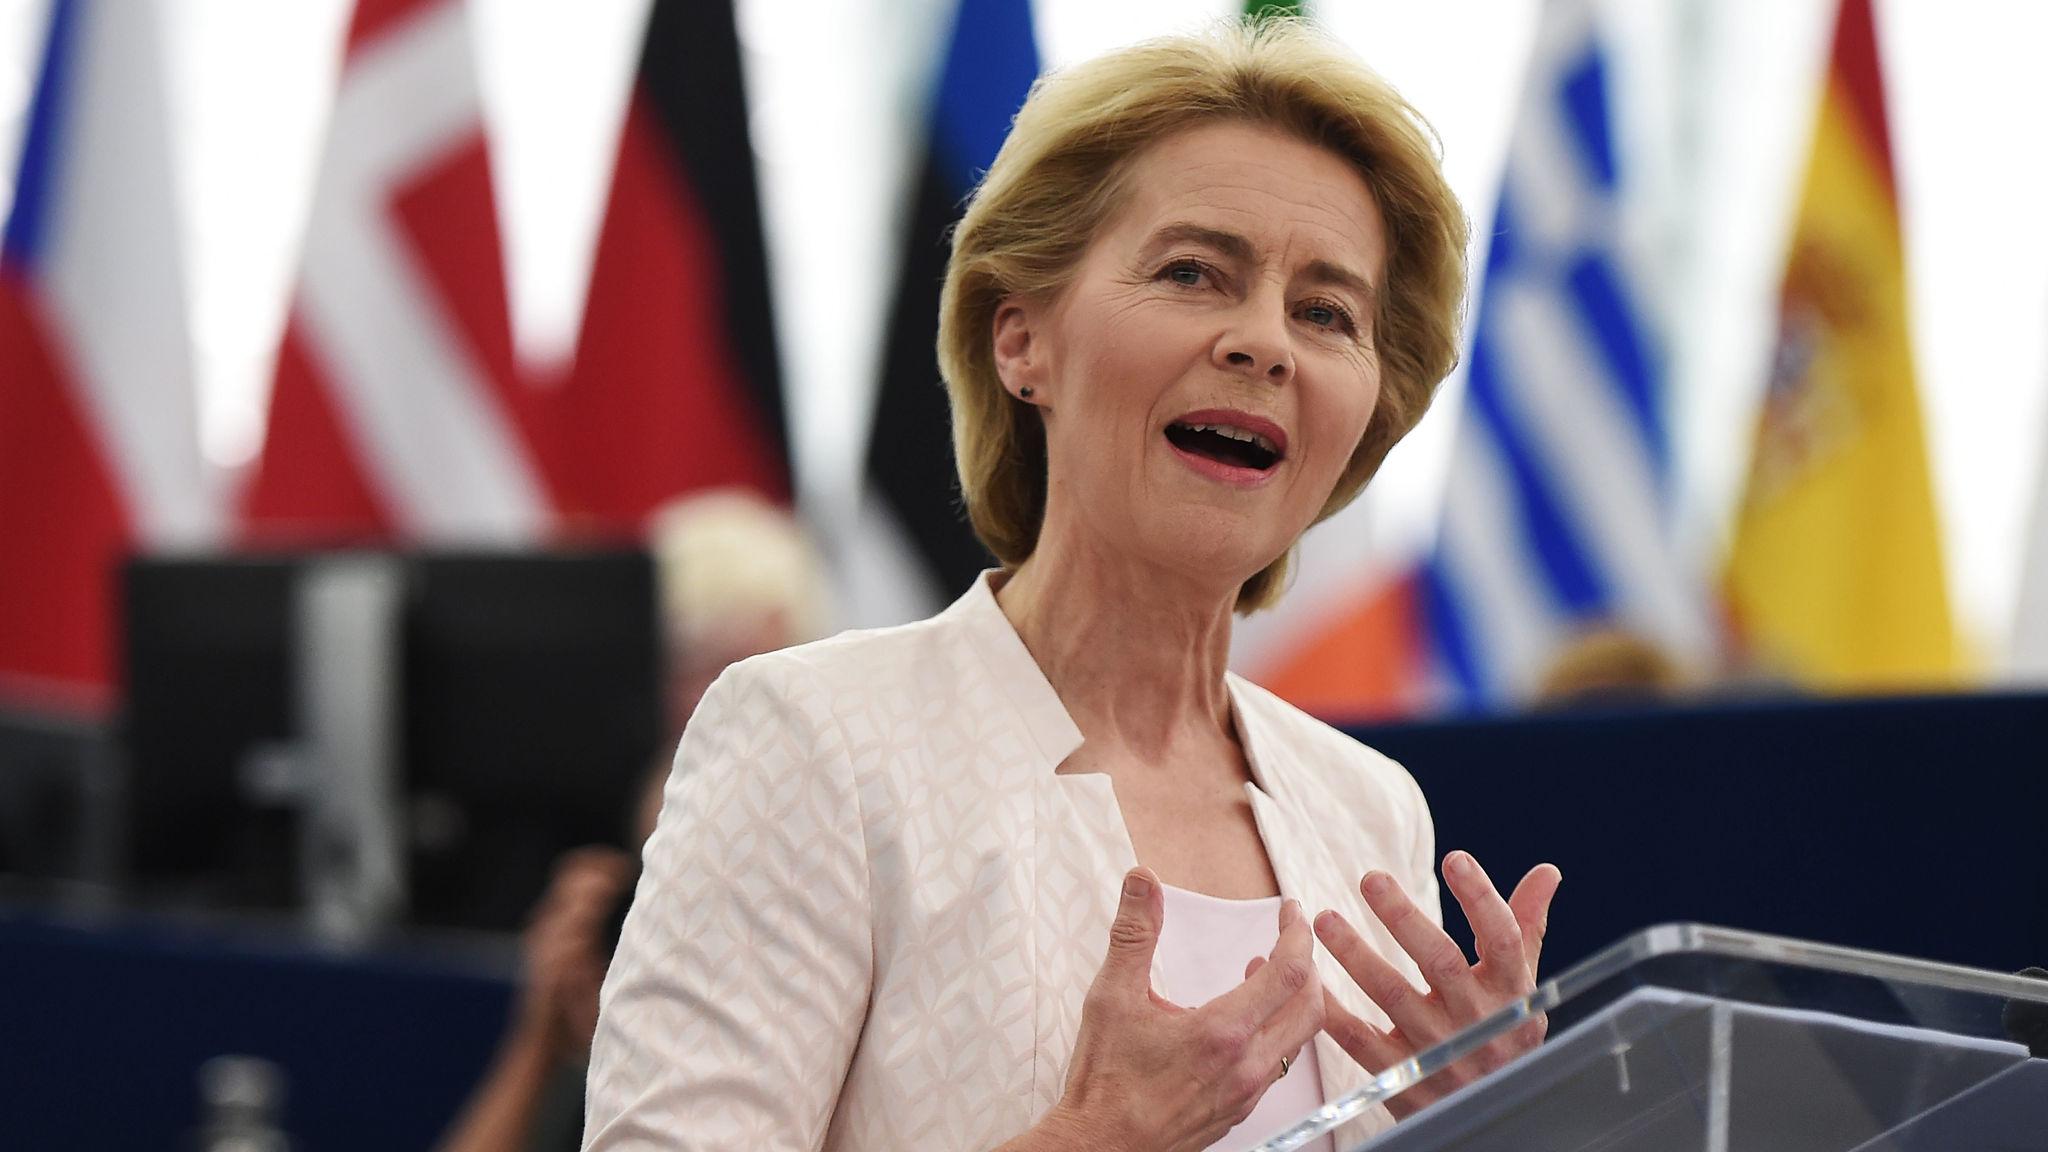 Ursula von der Leyen makes final pitch to MEPs